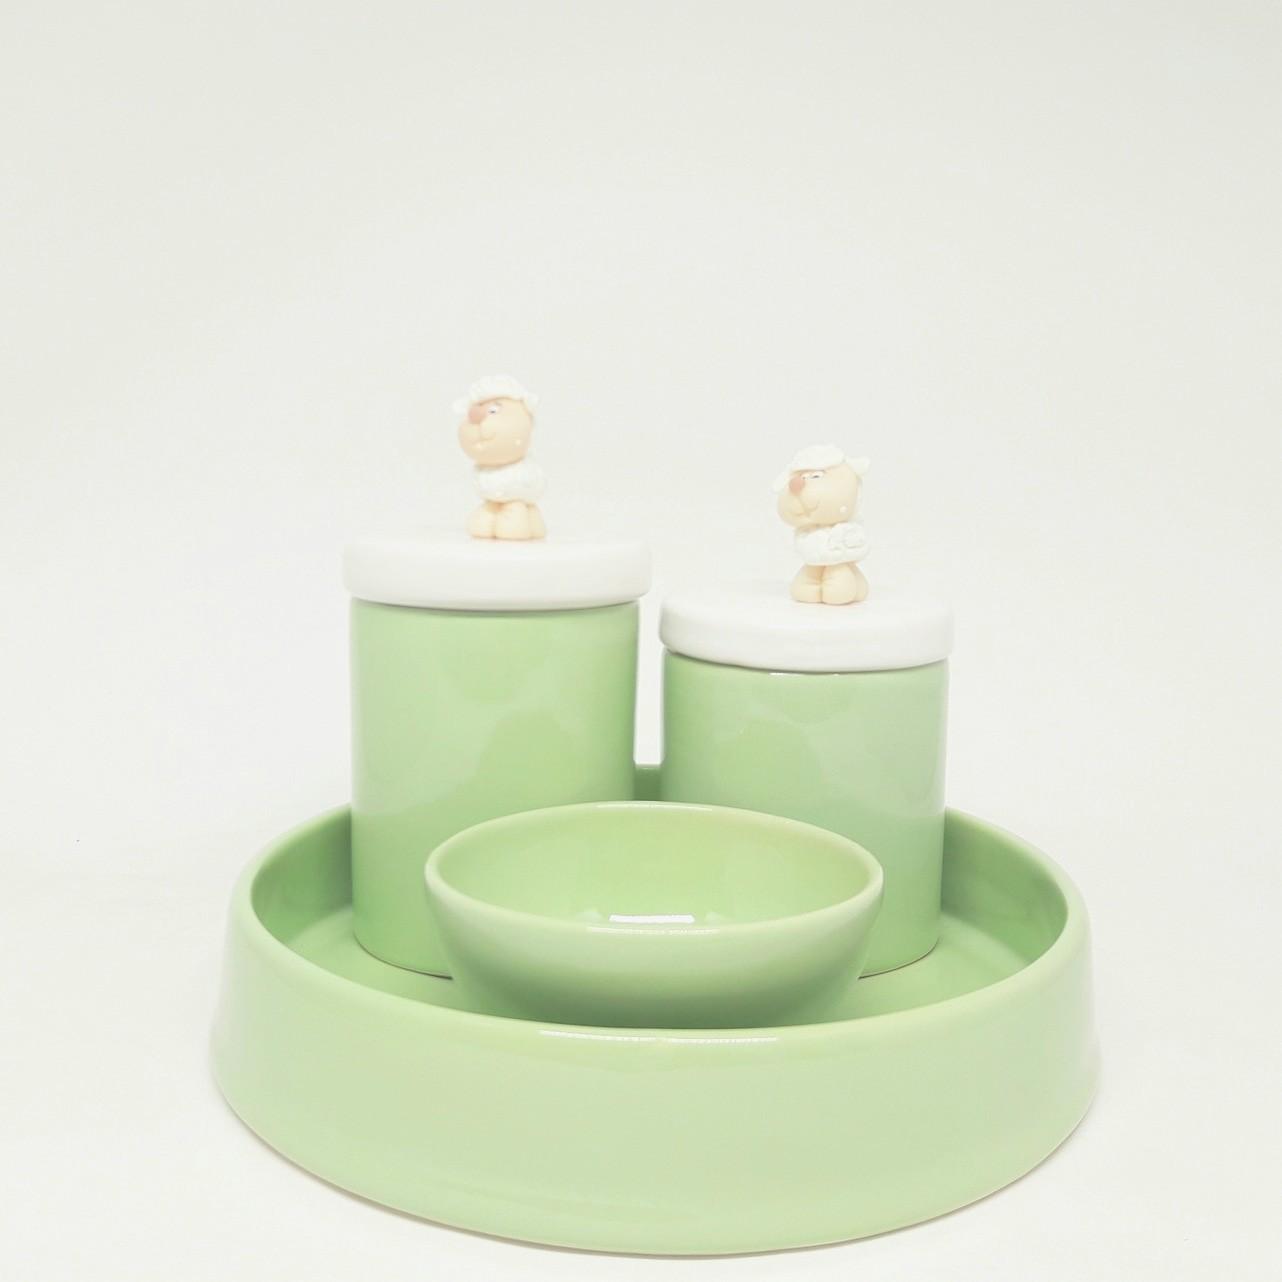 Kit Higiene Bebê Cerâmica verde com apliques de ovelhinha em biscuit